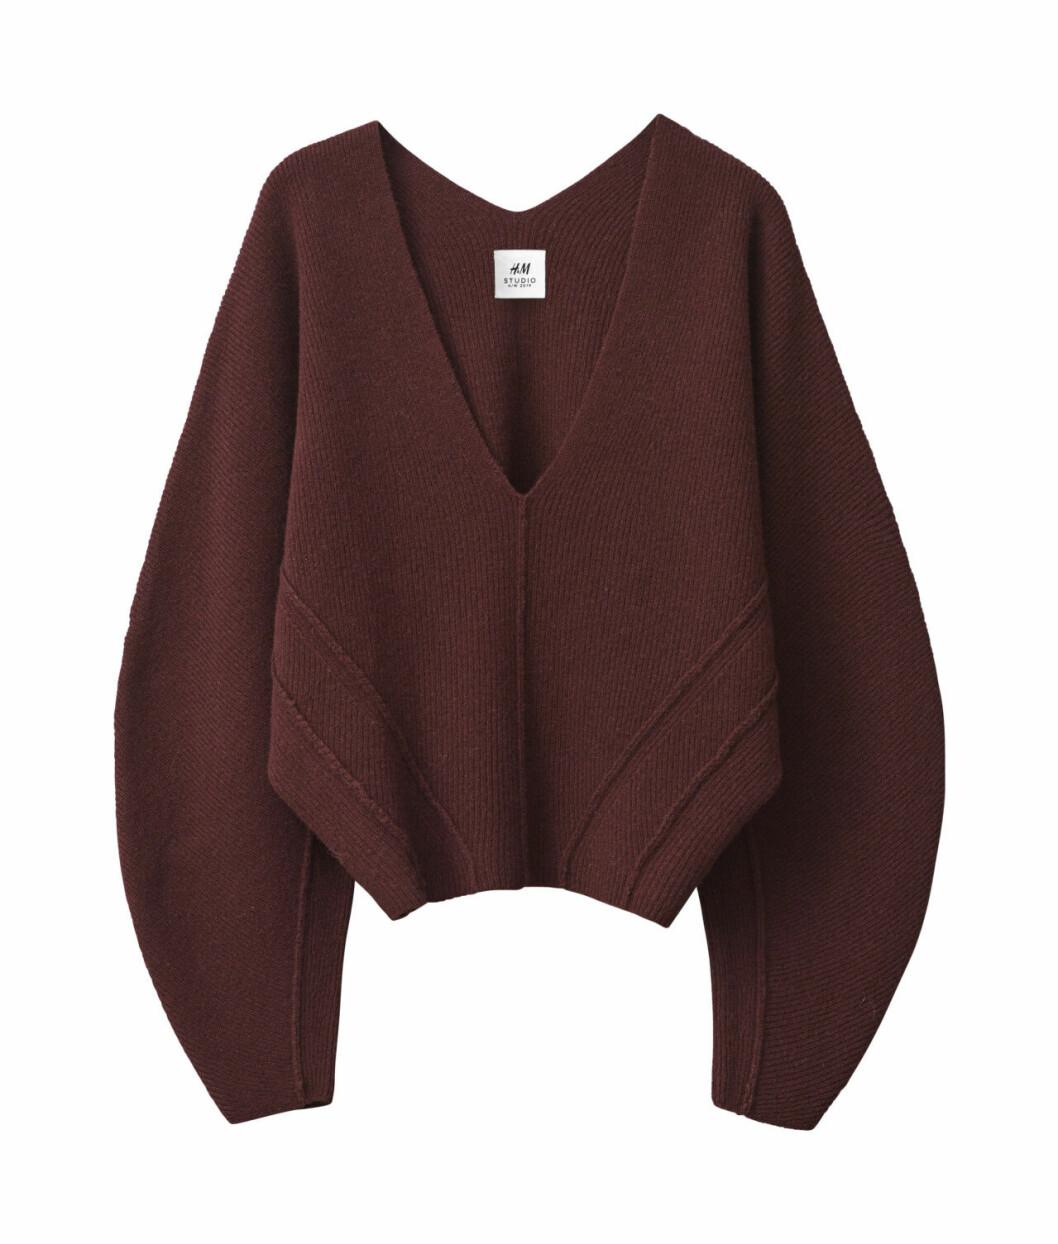 H&M Studio höstkollektion aw 2019 – vinröd tröja